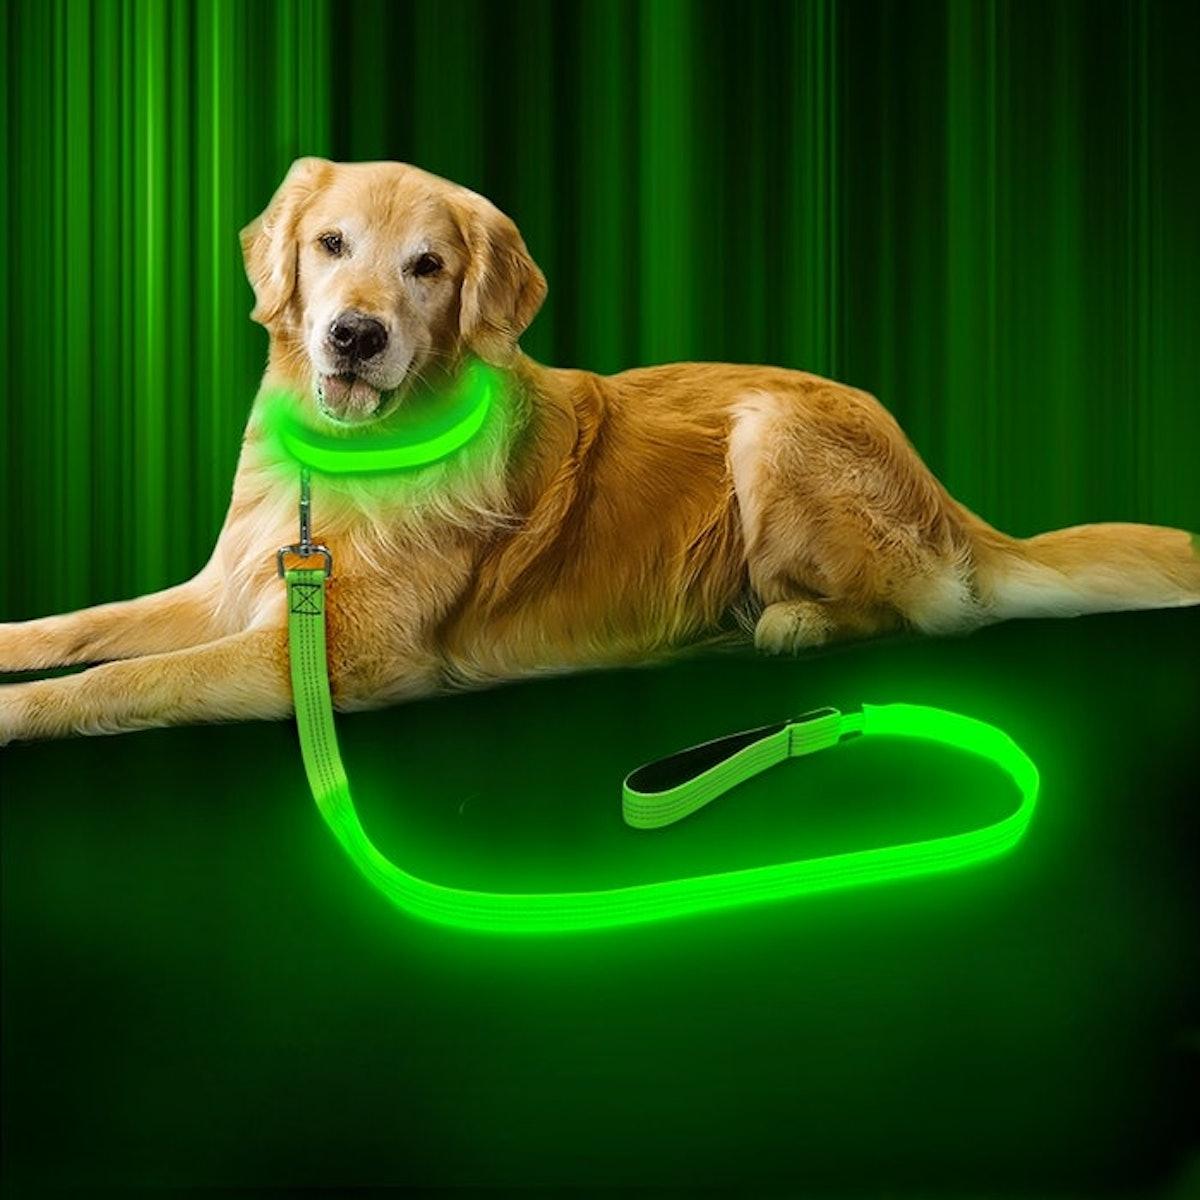 BSEEN LED Dog Leash